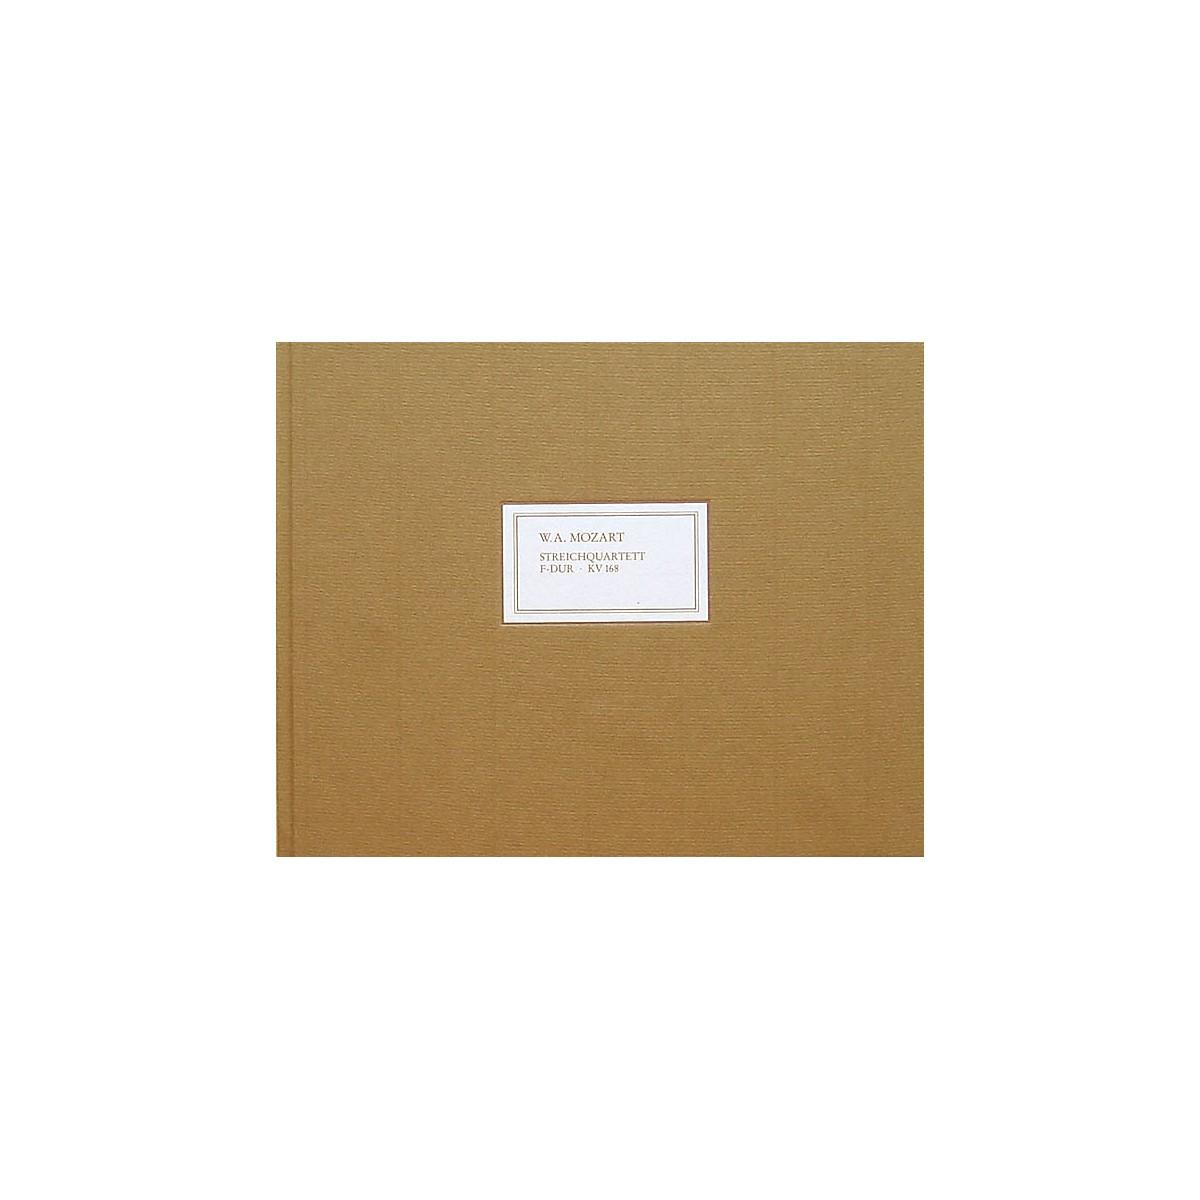 G. Henle Verlag String Quartet in F Major K168 (Facsimile) Henle Facsimile Series Hardcover